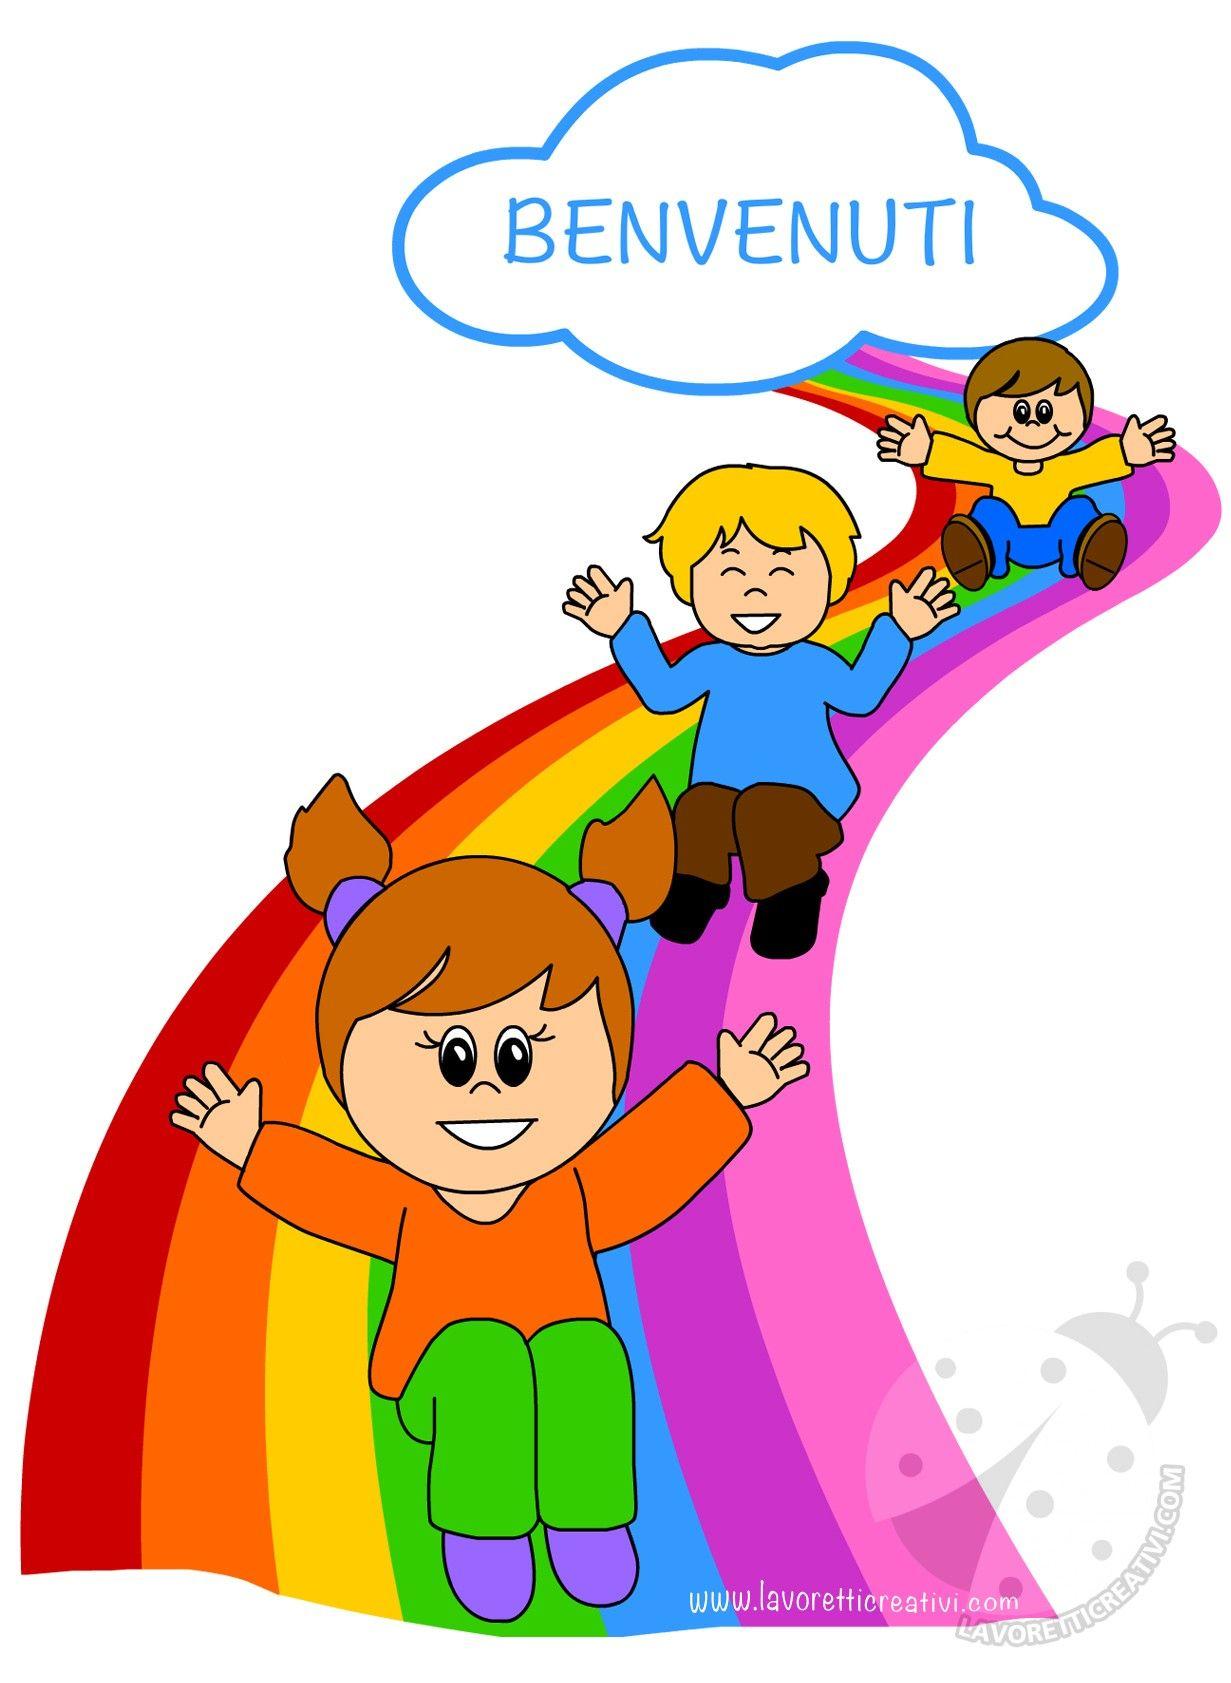 Scuola dell infanzia addobbi accoglienza scuola infanzia for Addobbi scuola infanzia accoglienza